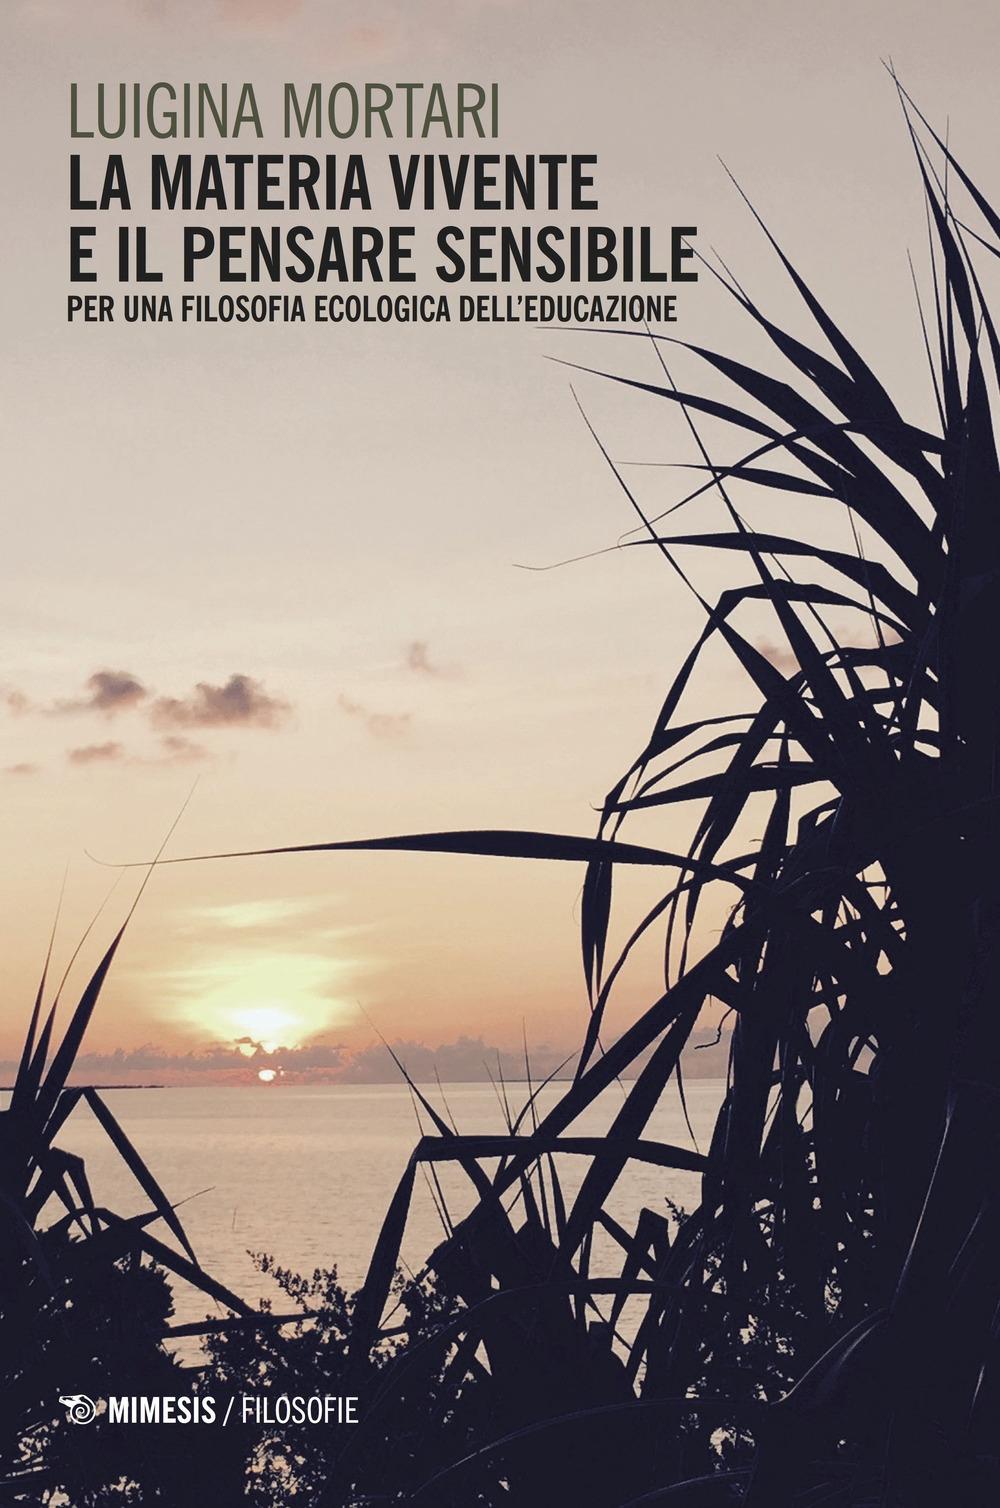 La materia vivente e il pensare sensibile